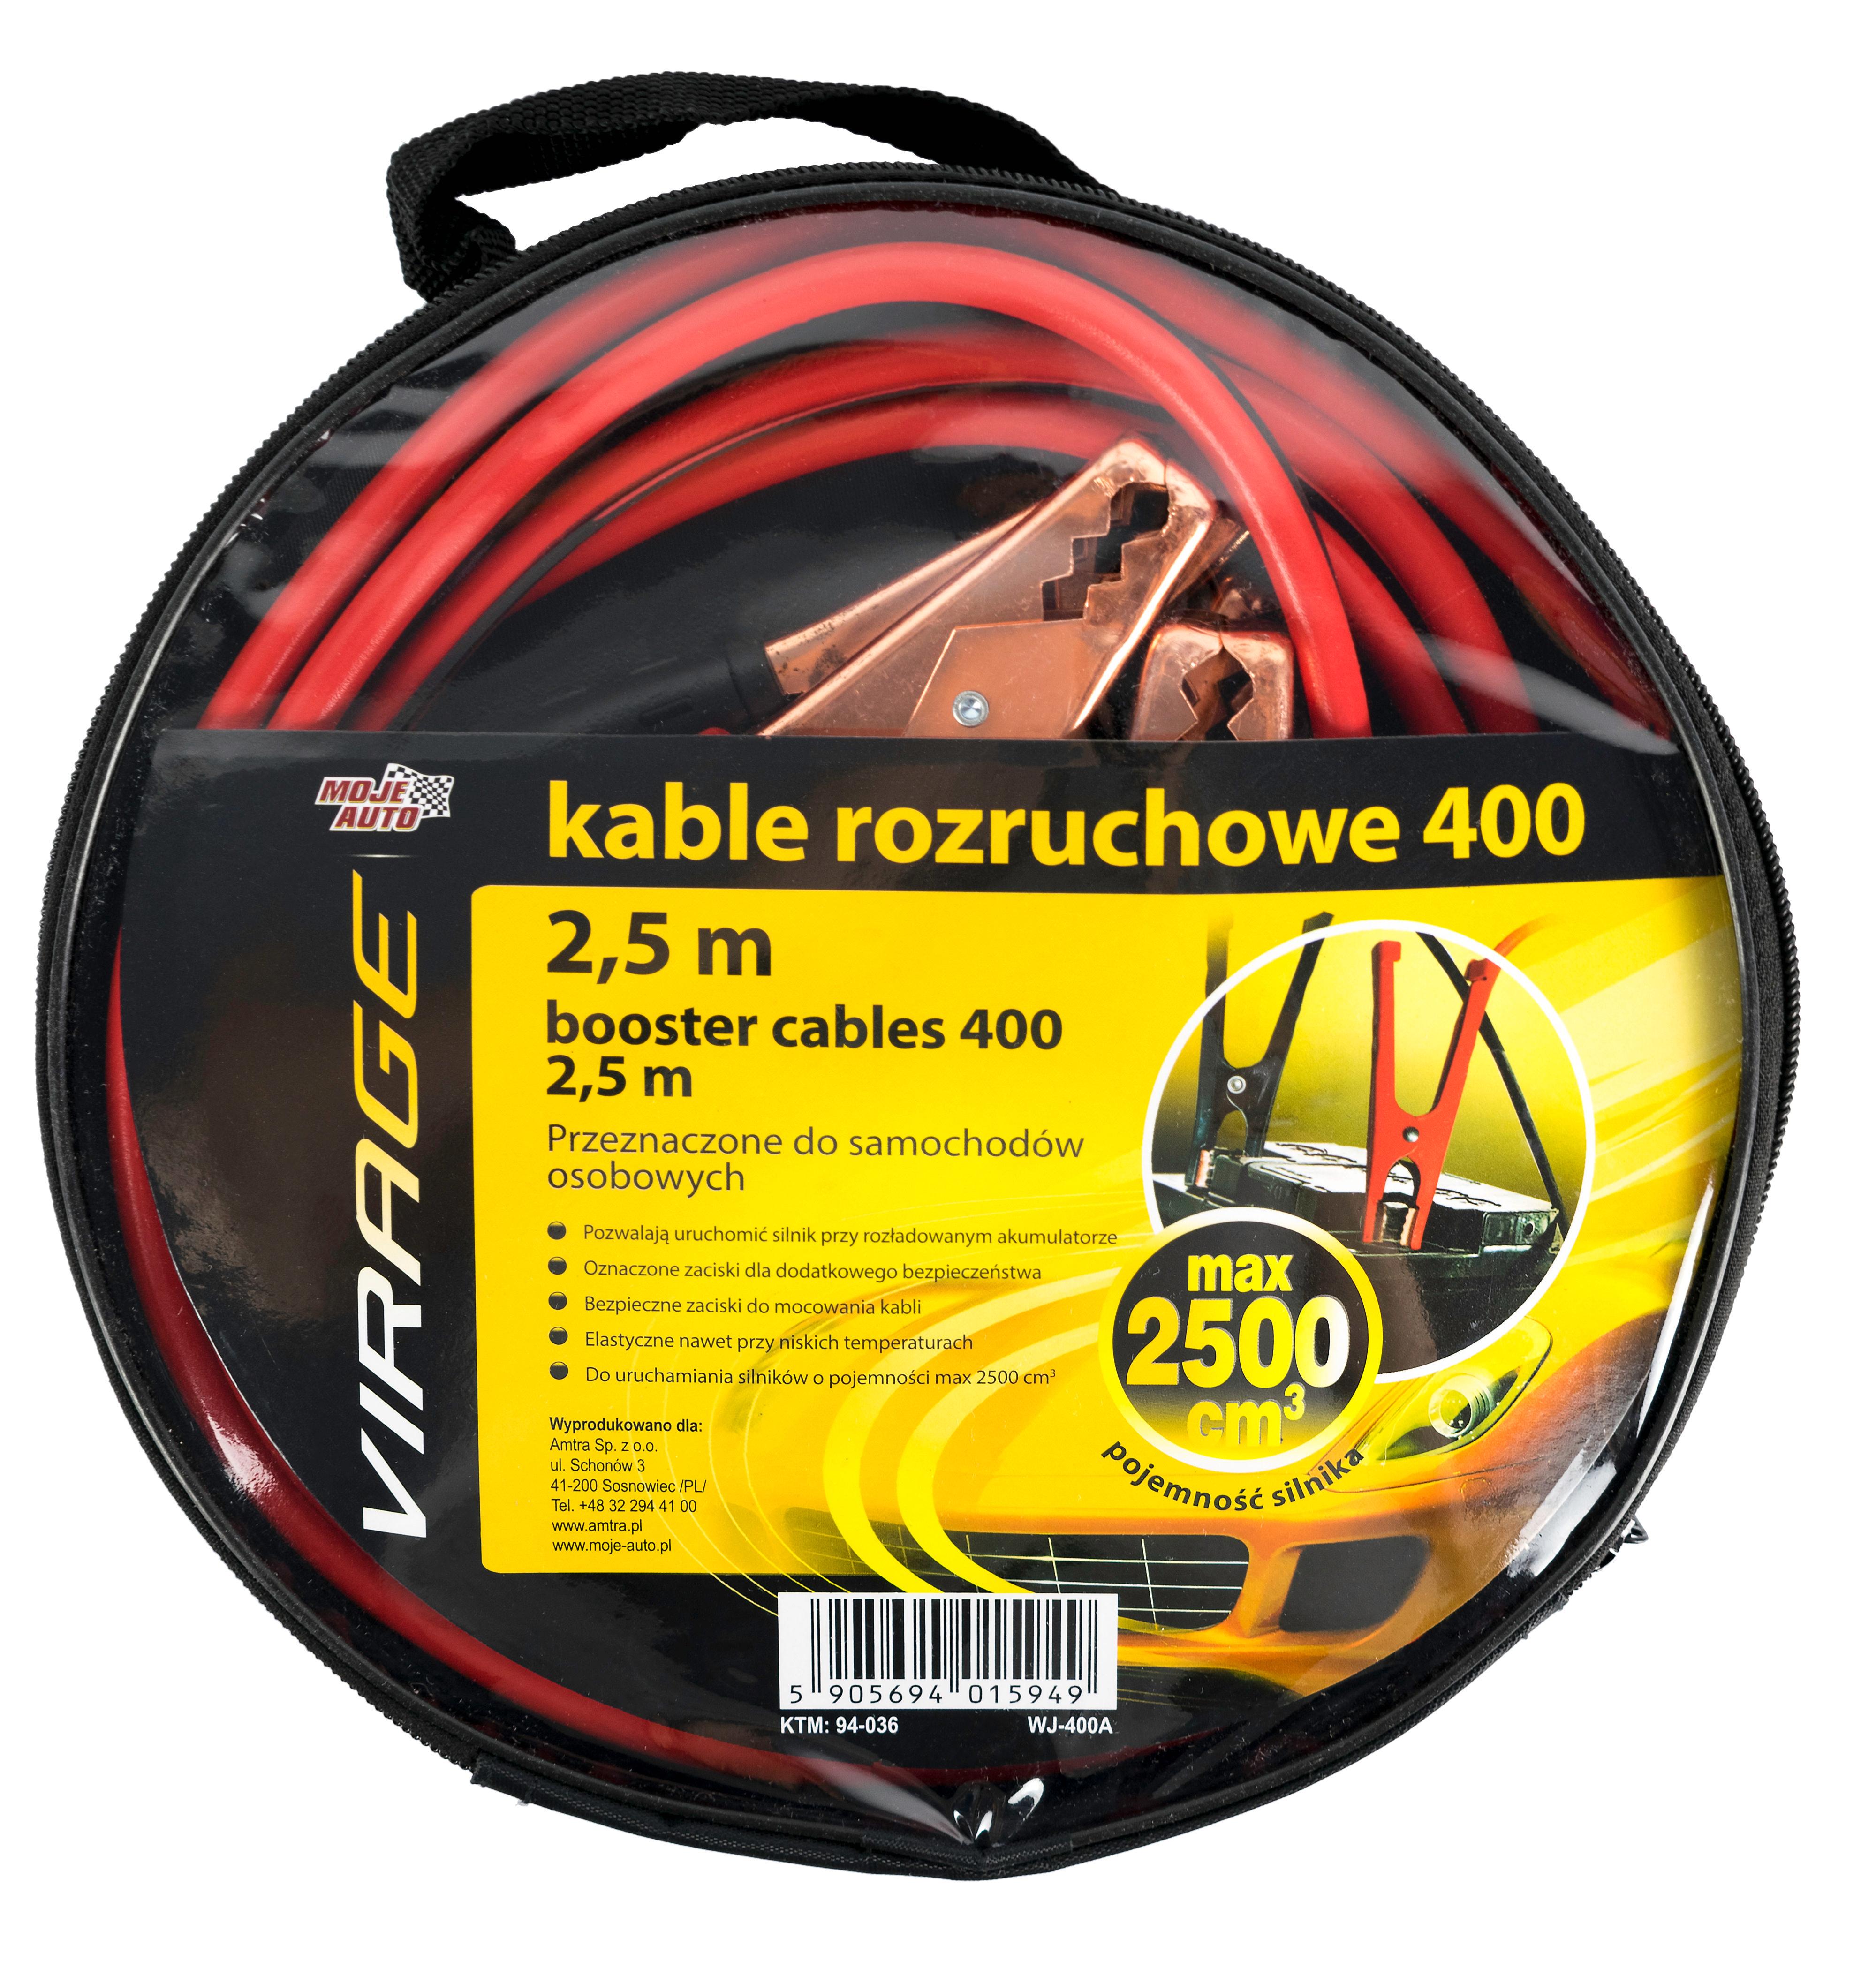 Kable rozruchowe Virage 400 2,5 m - 94-036